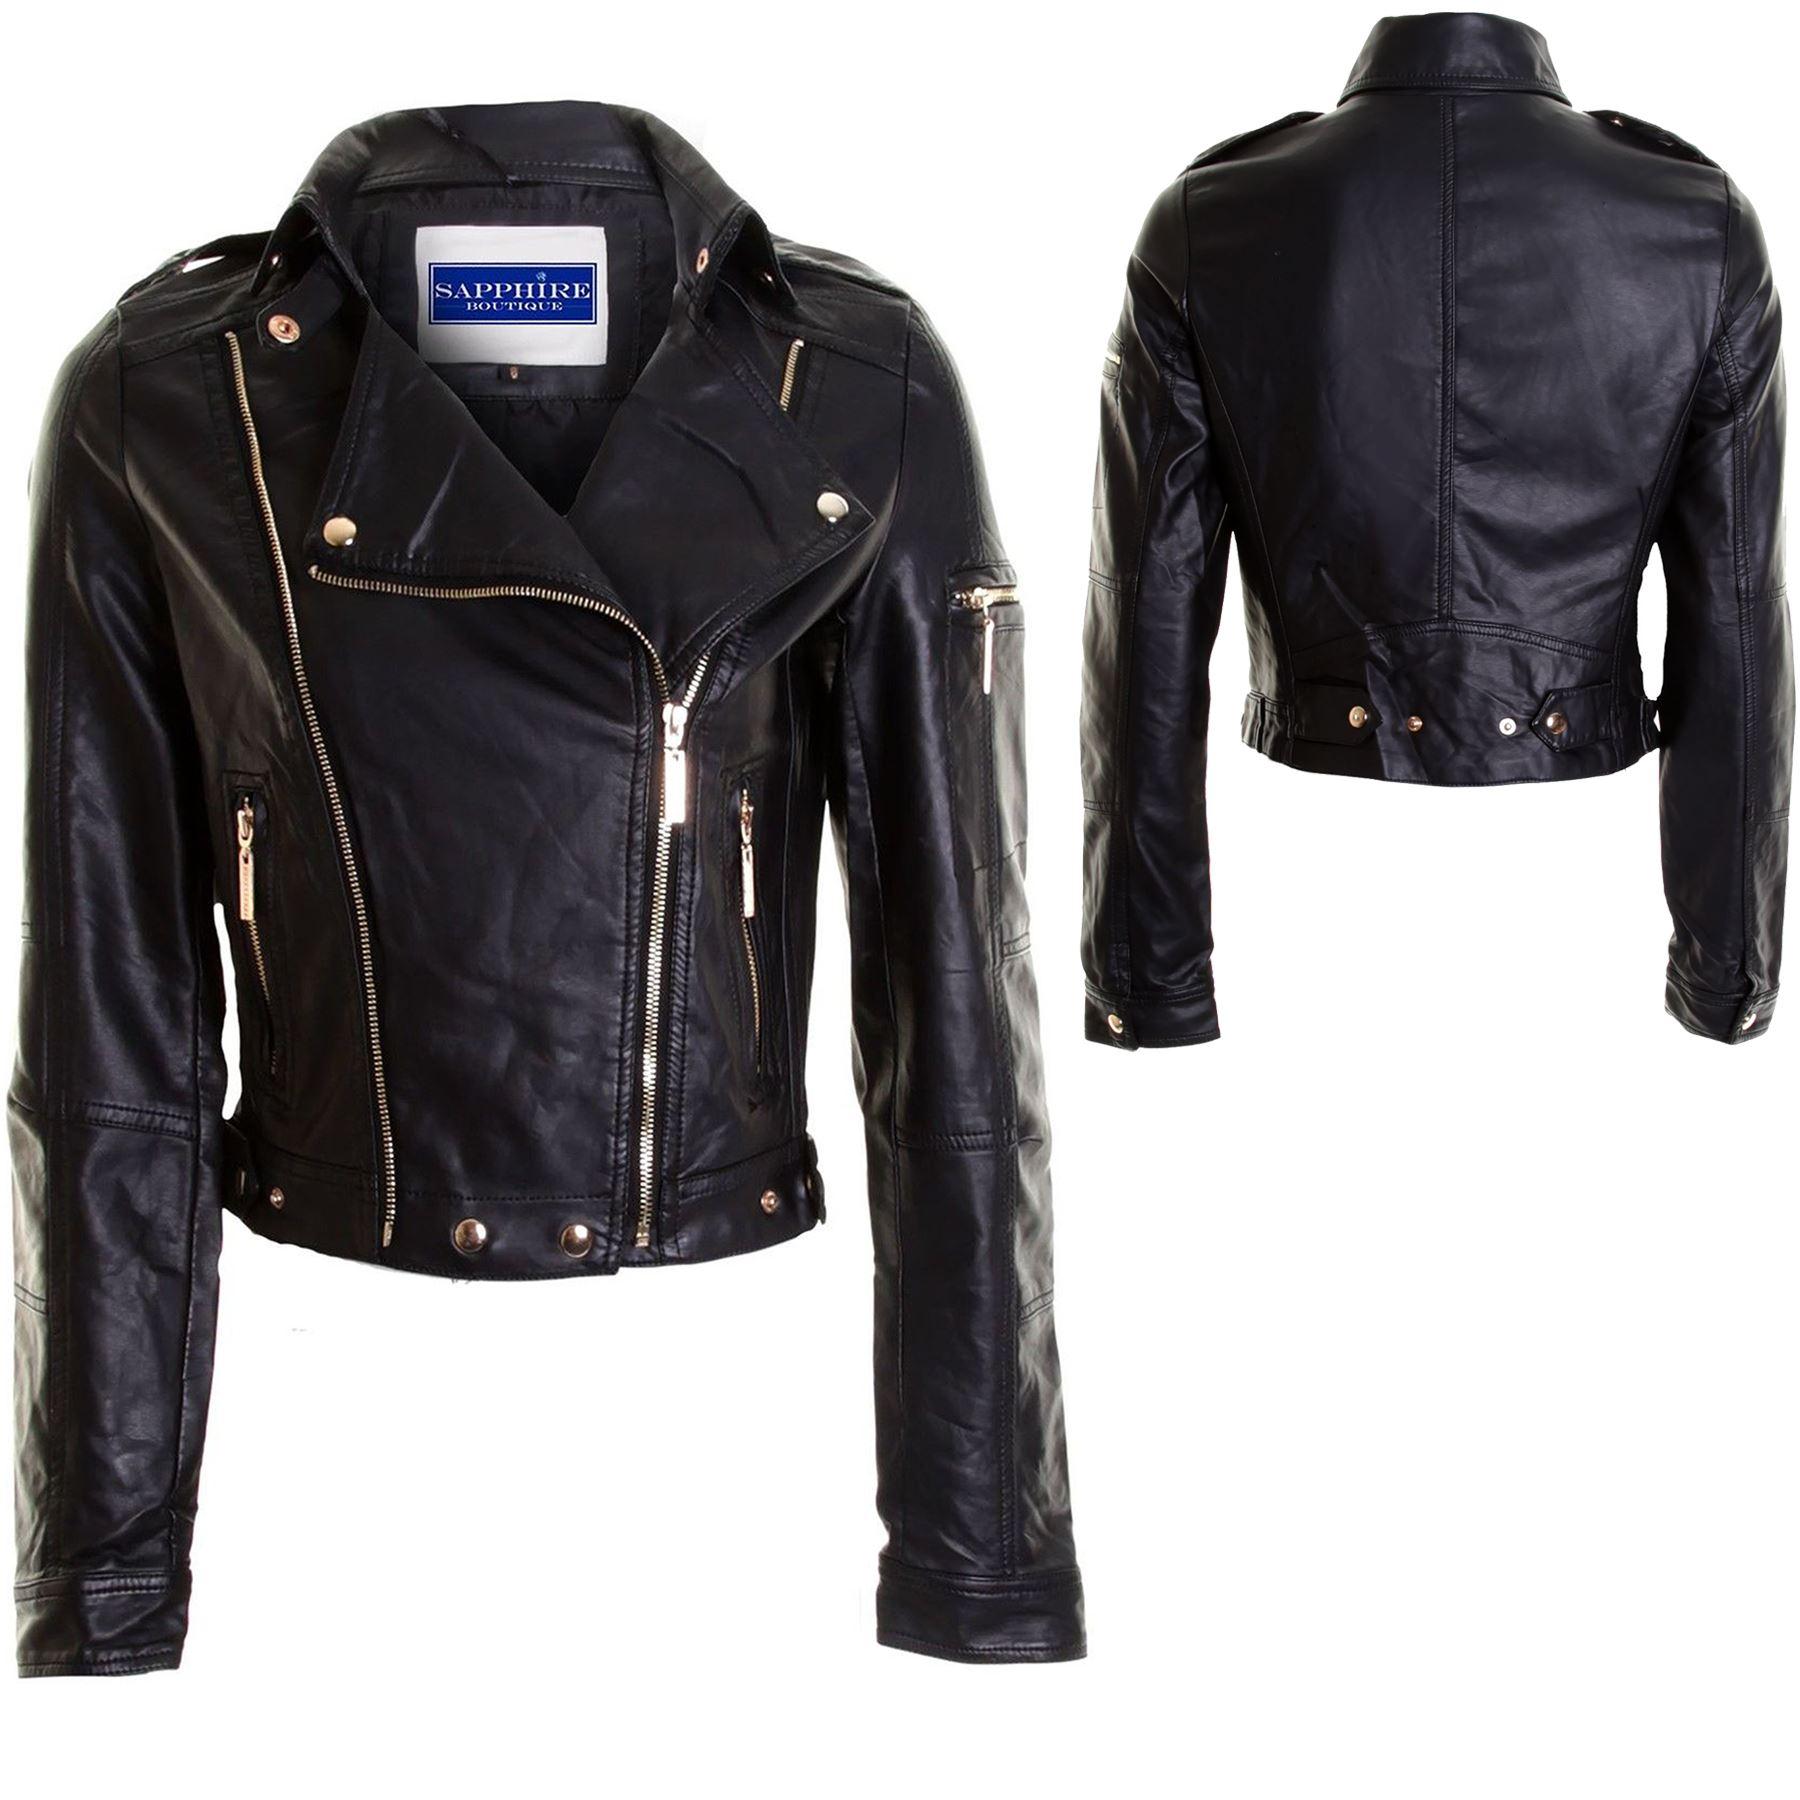 Las nuevas señoras de cuero Biker Zip negro PVC bombardero chaqueta abrigo  mujer 8 10 12 14 45a5191a1636